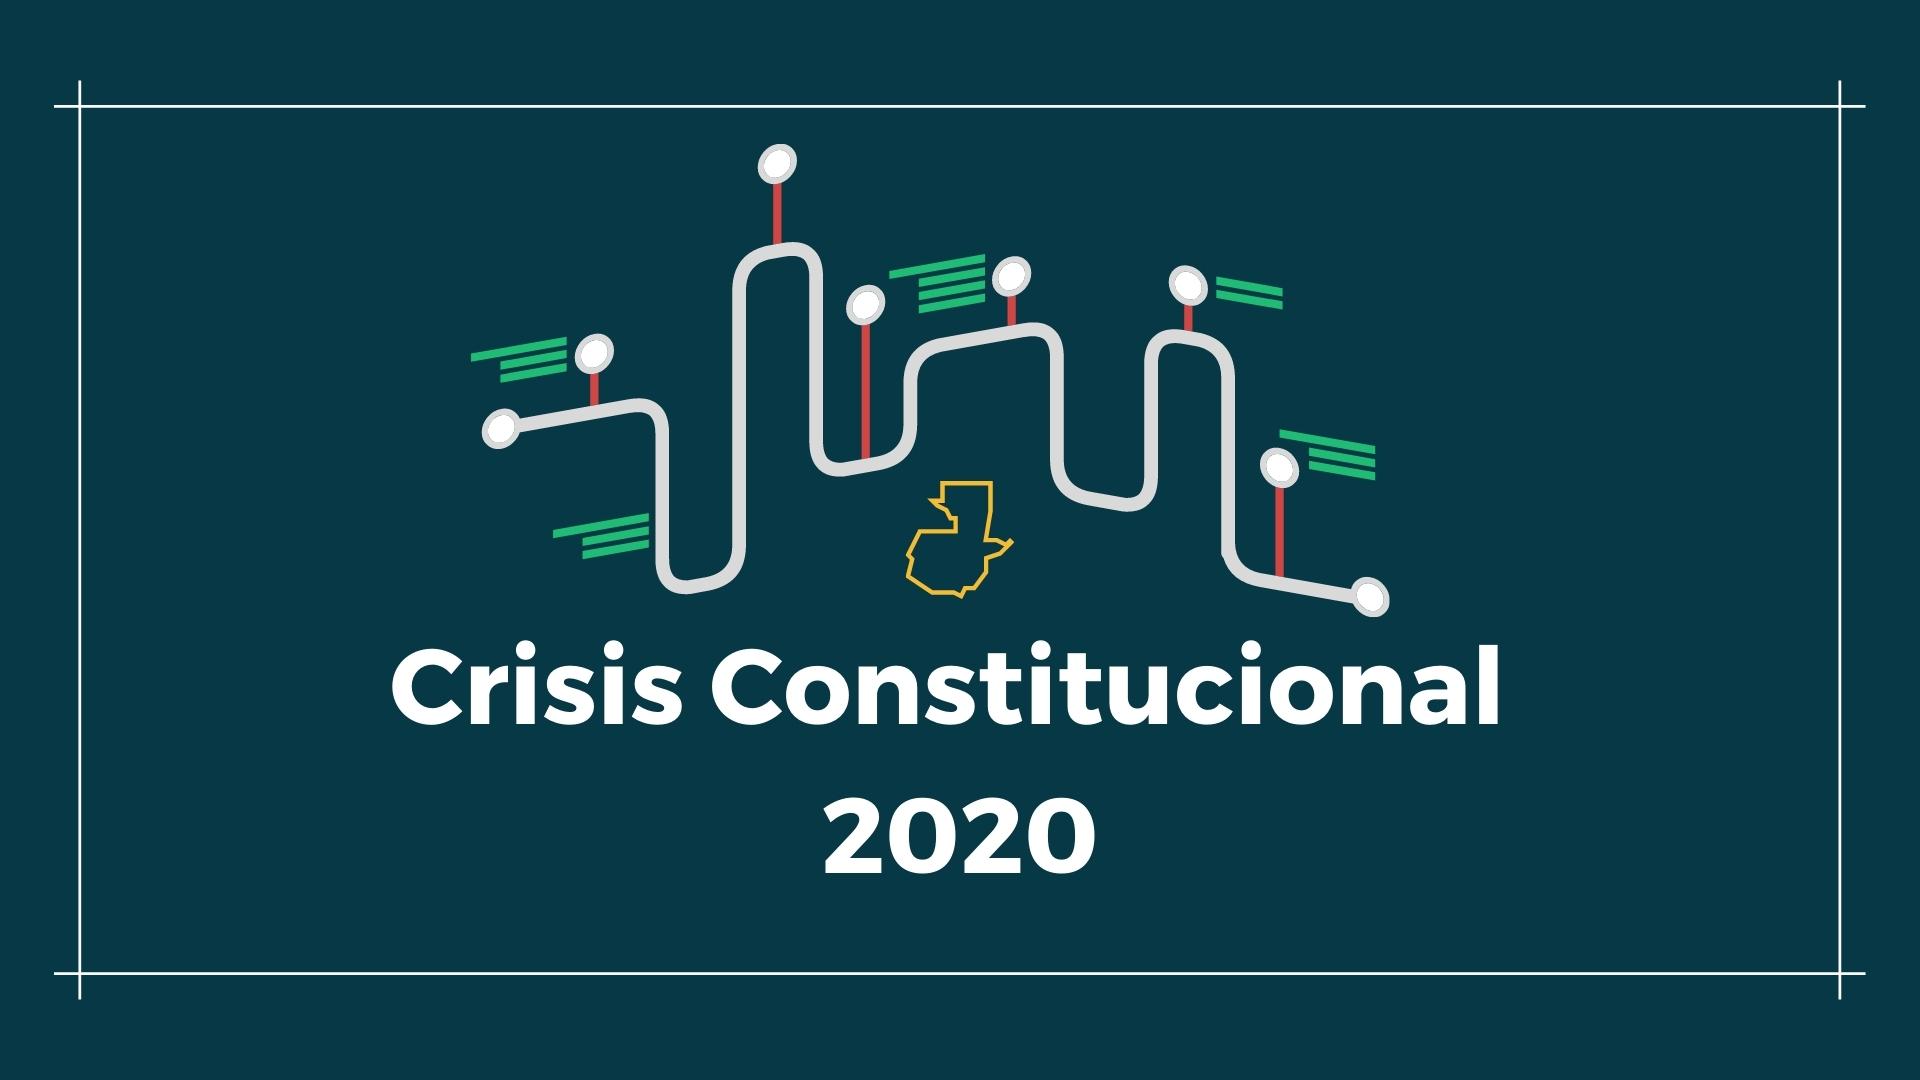 Crisis Constitucional 2020